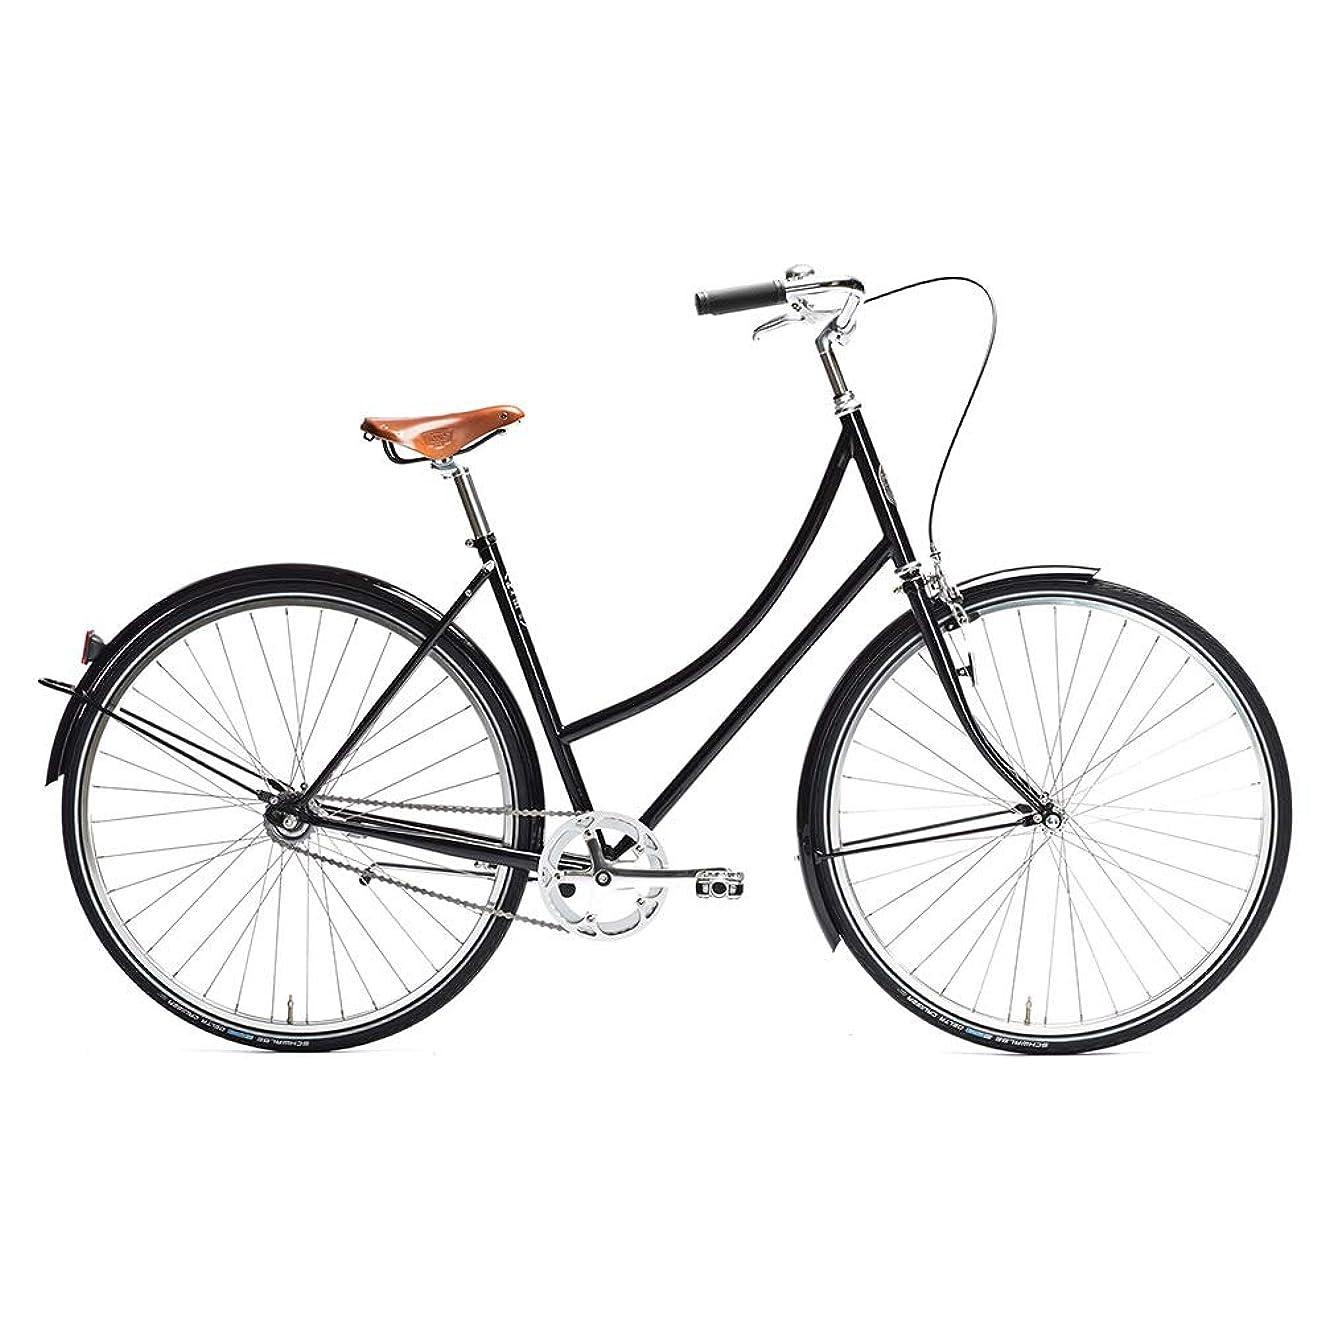 ブラシ日付付き強盗Pelago ペラゴ Brooklyn ブルックリン Black 3S 45mm【自転車】【3段変速】【クラシック】【コミューター】